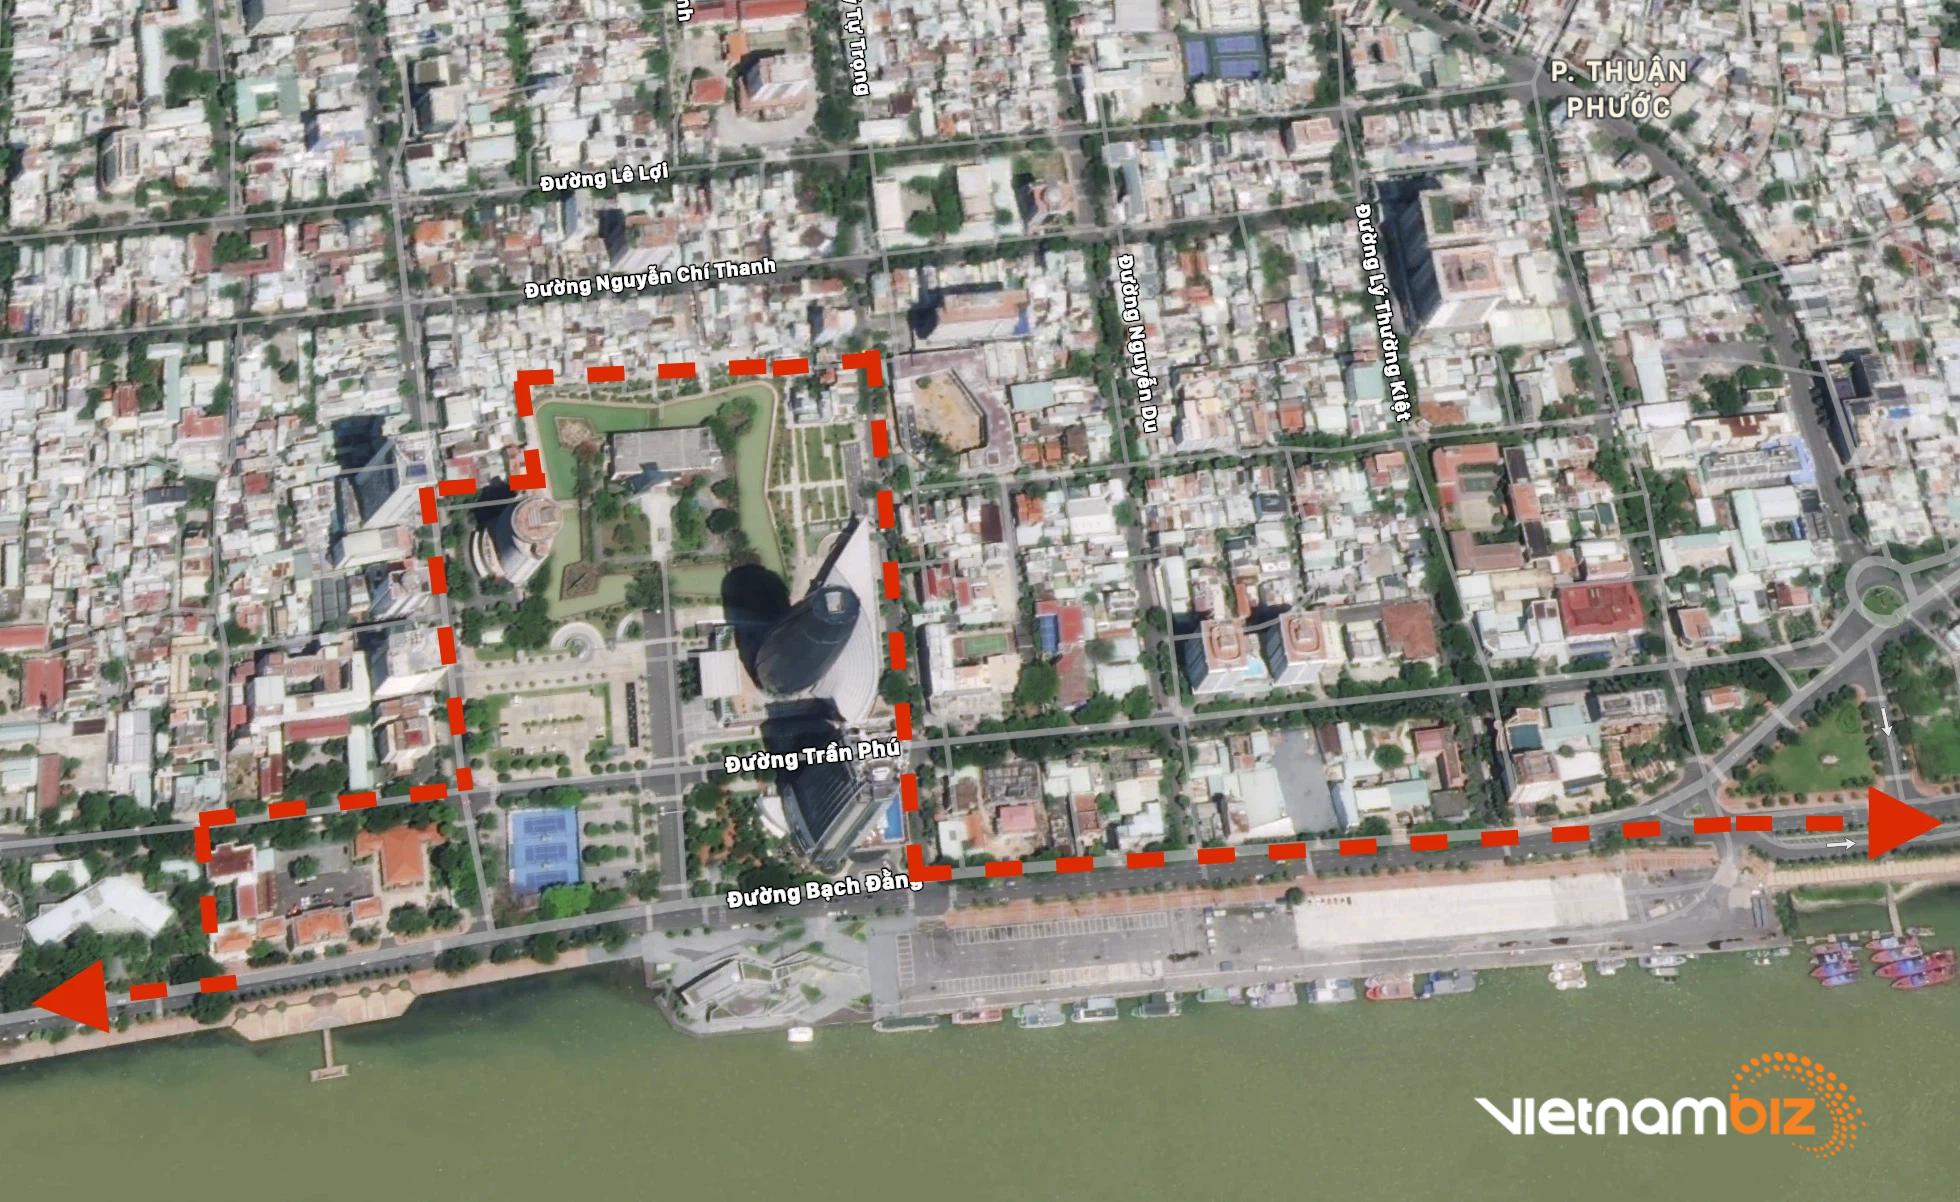 Đất vàng trung tâm Đà Nẵng làm quảng trường - Ảnh 2.